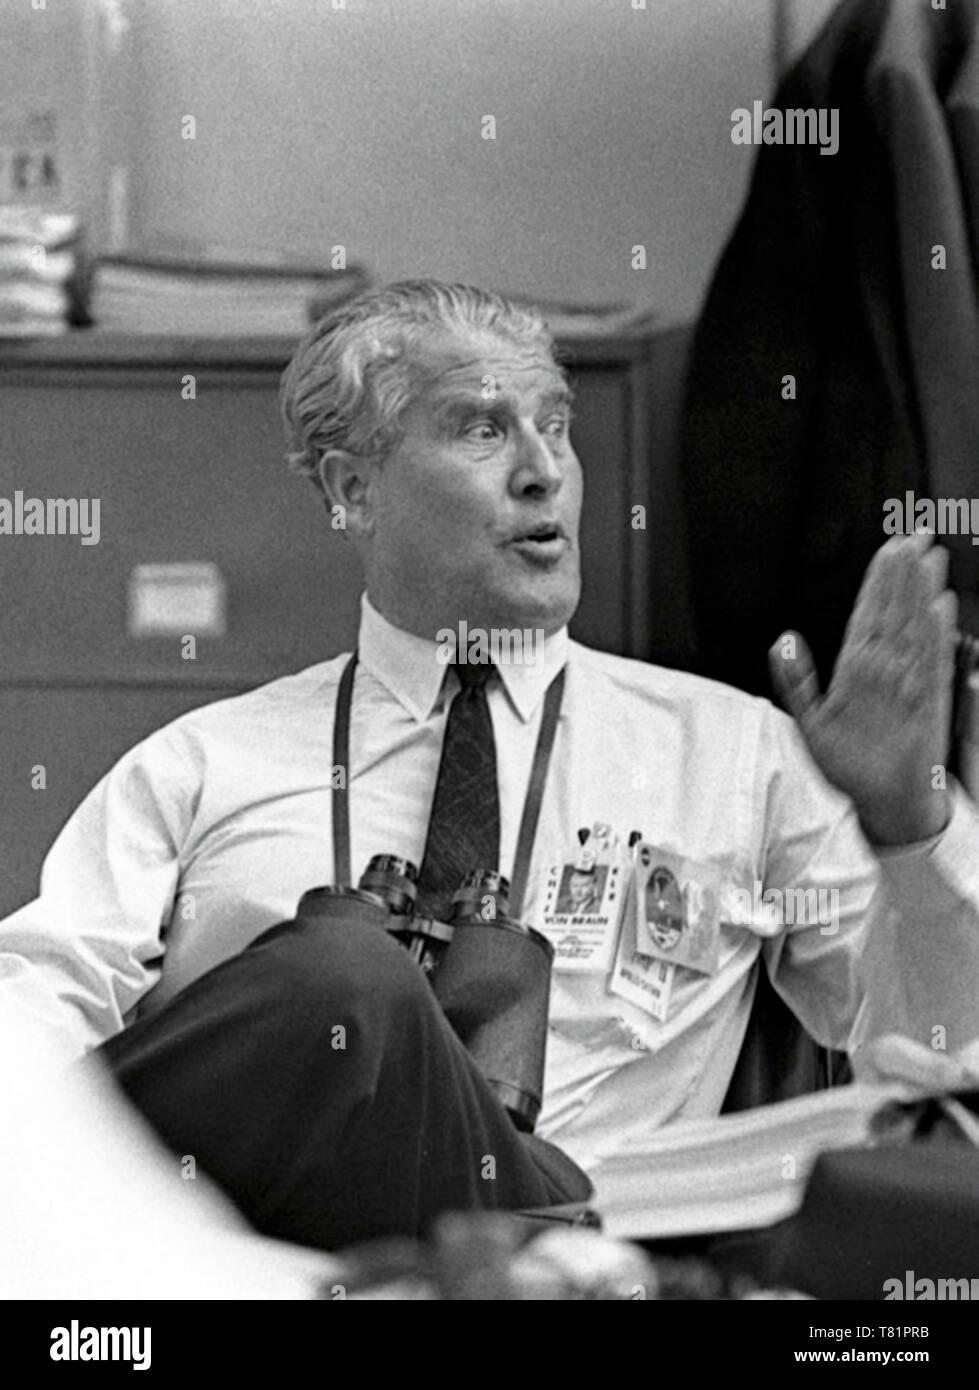 Apollo 11 Wernher Von Braun Relaxes After Launch 1969